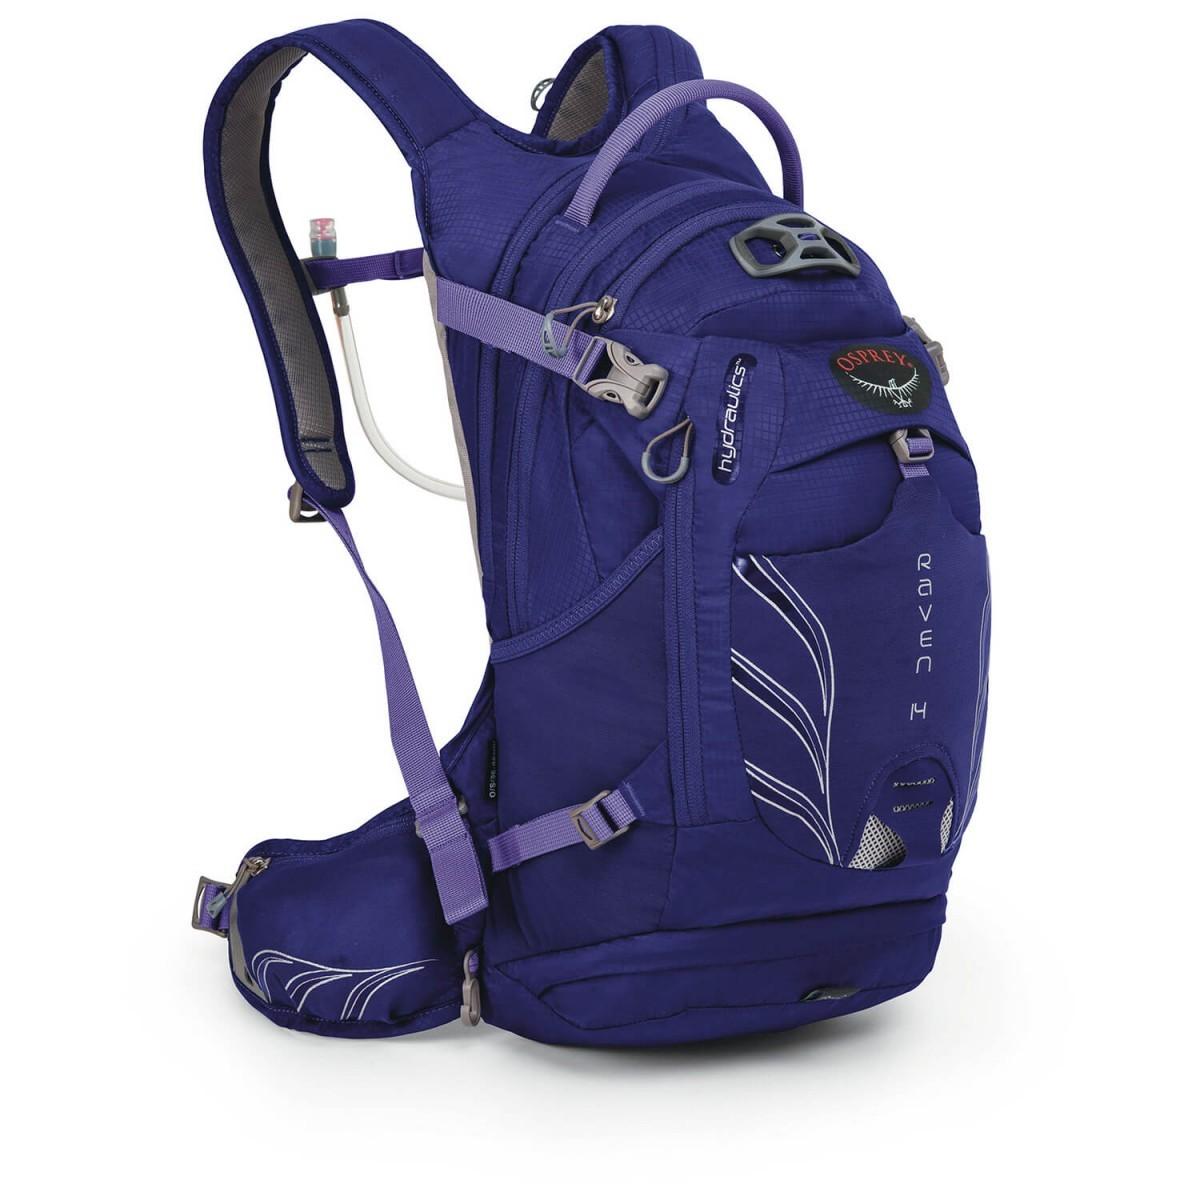 オスプレー Women's Raven 14 レディース (Royal Purple)★リュック・バックパック・登山・山歩・トレッキング★